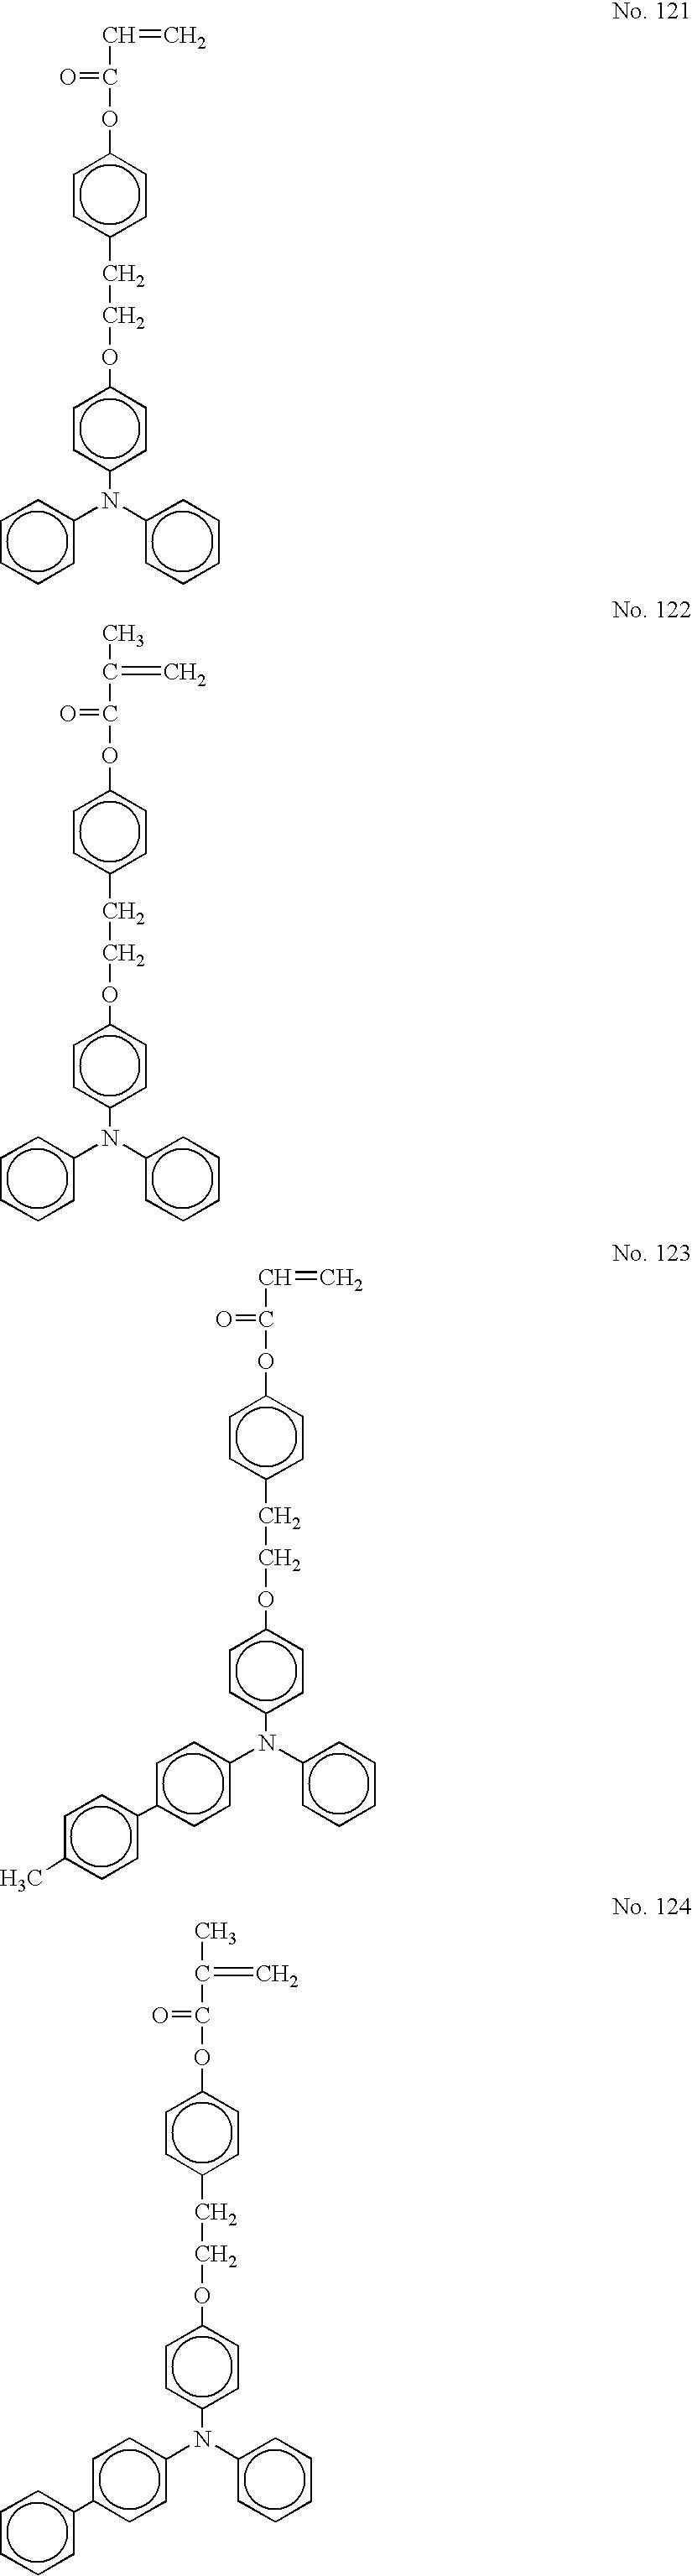 Figure US20070059619A1-20070315-C00041